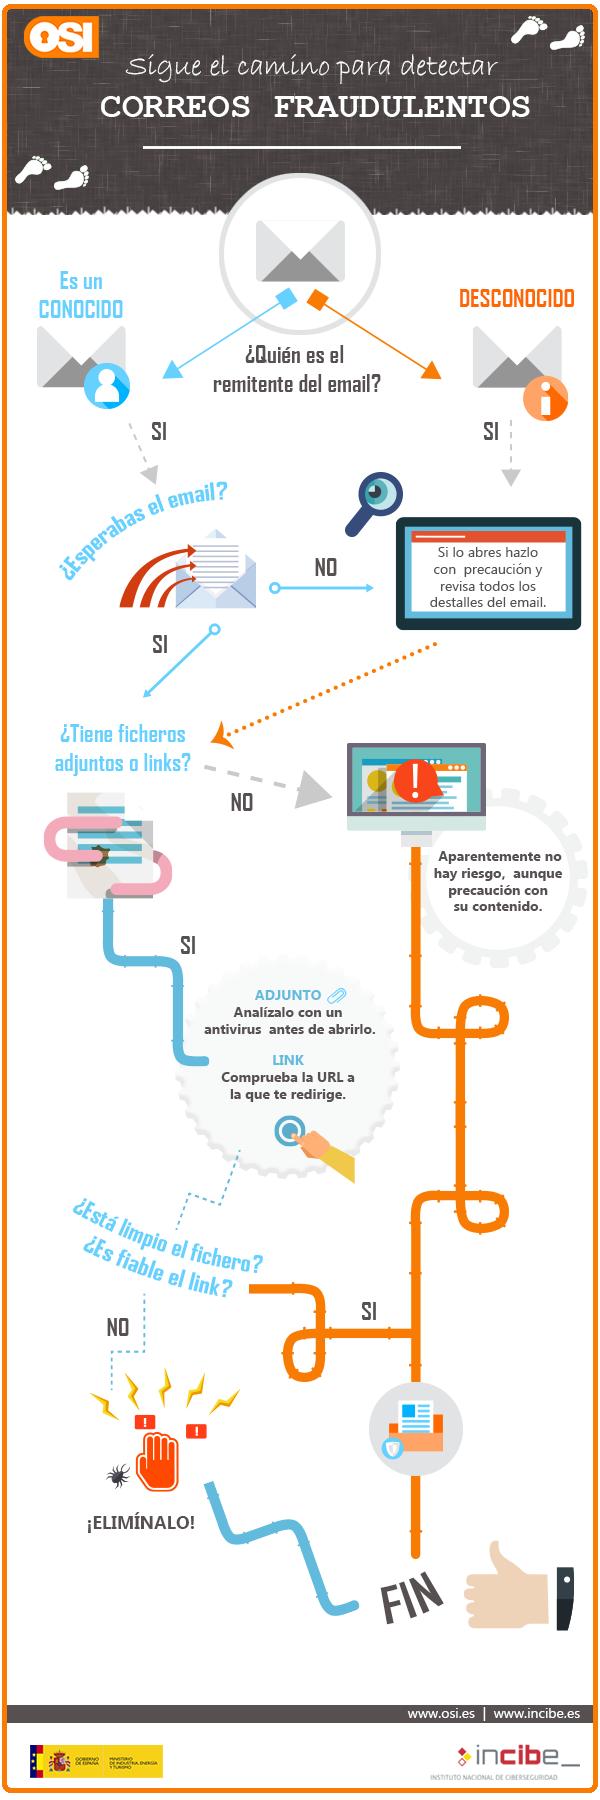 Cómo detectar correos fraudulentos